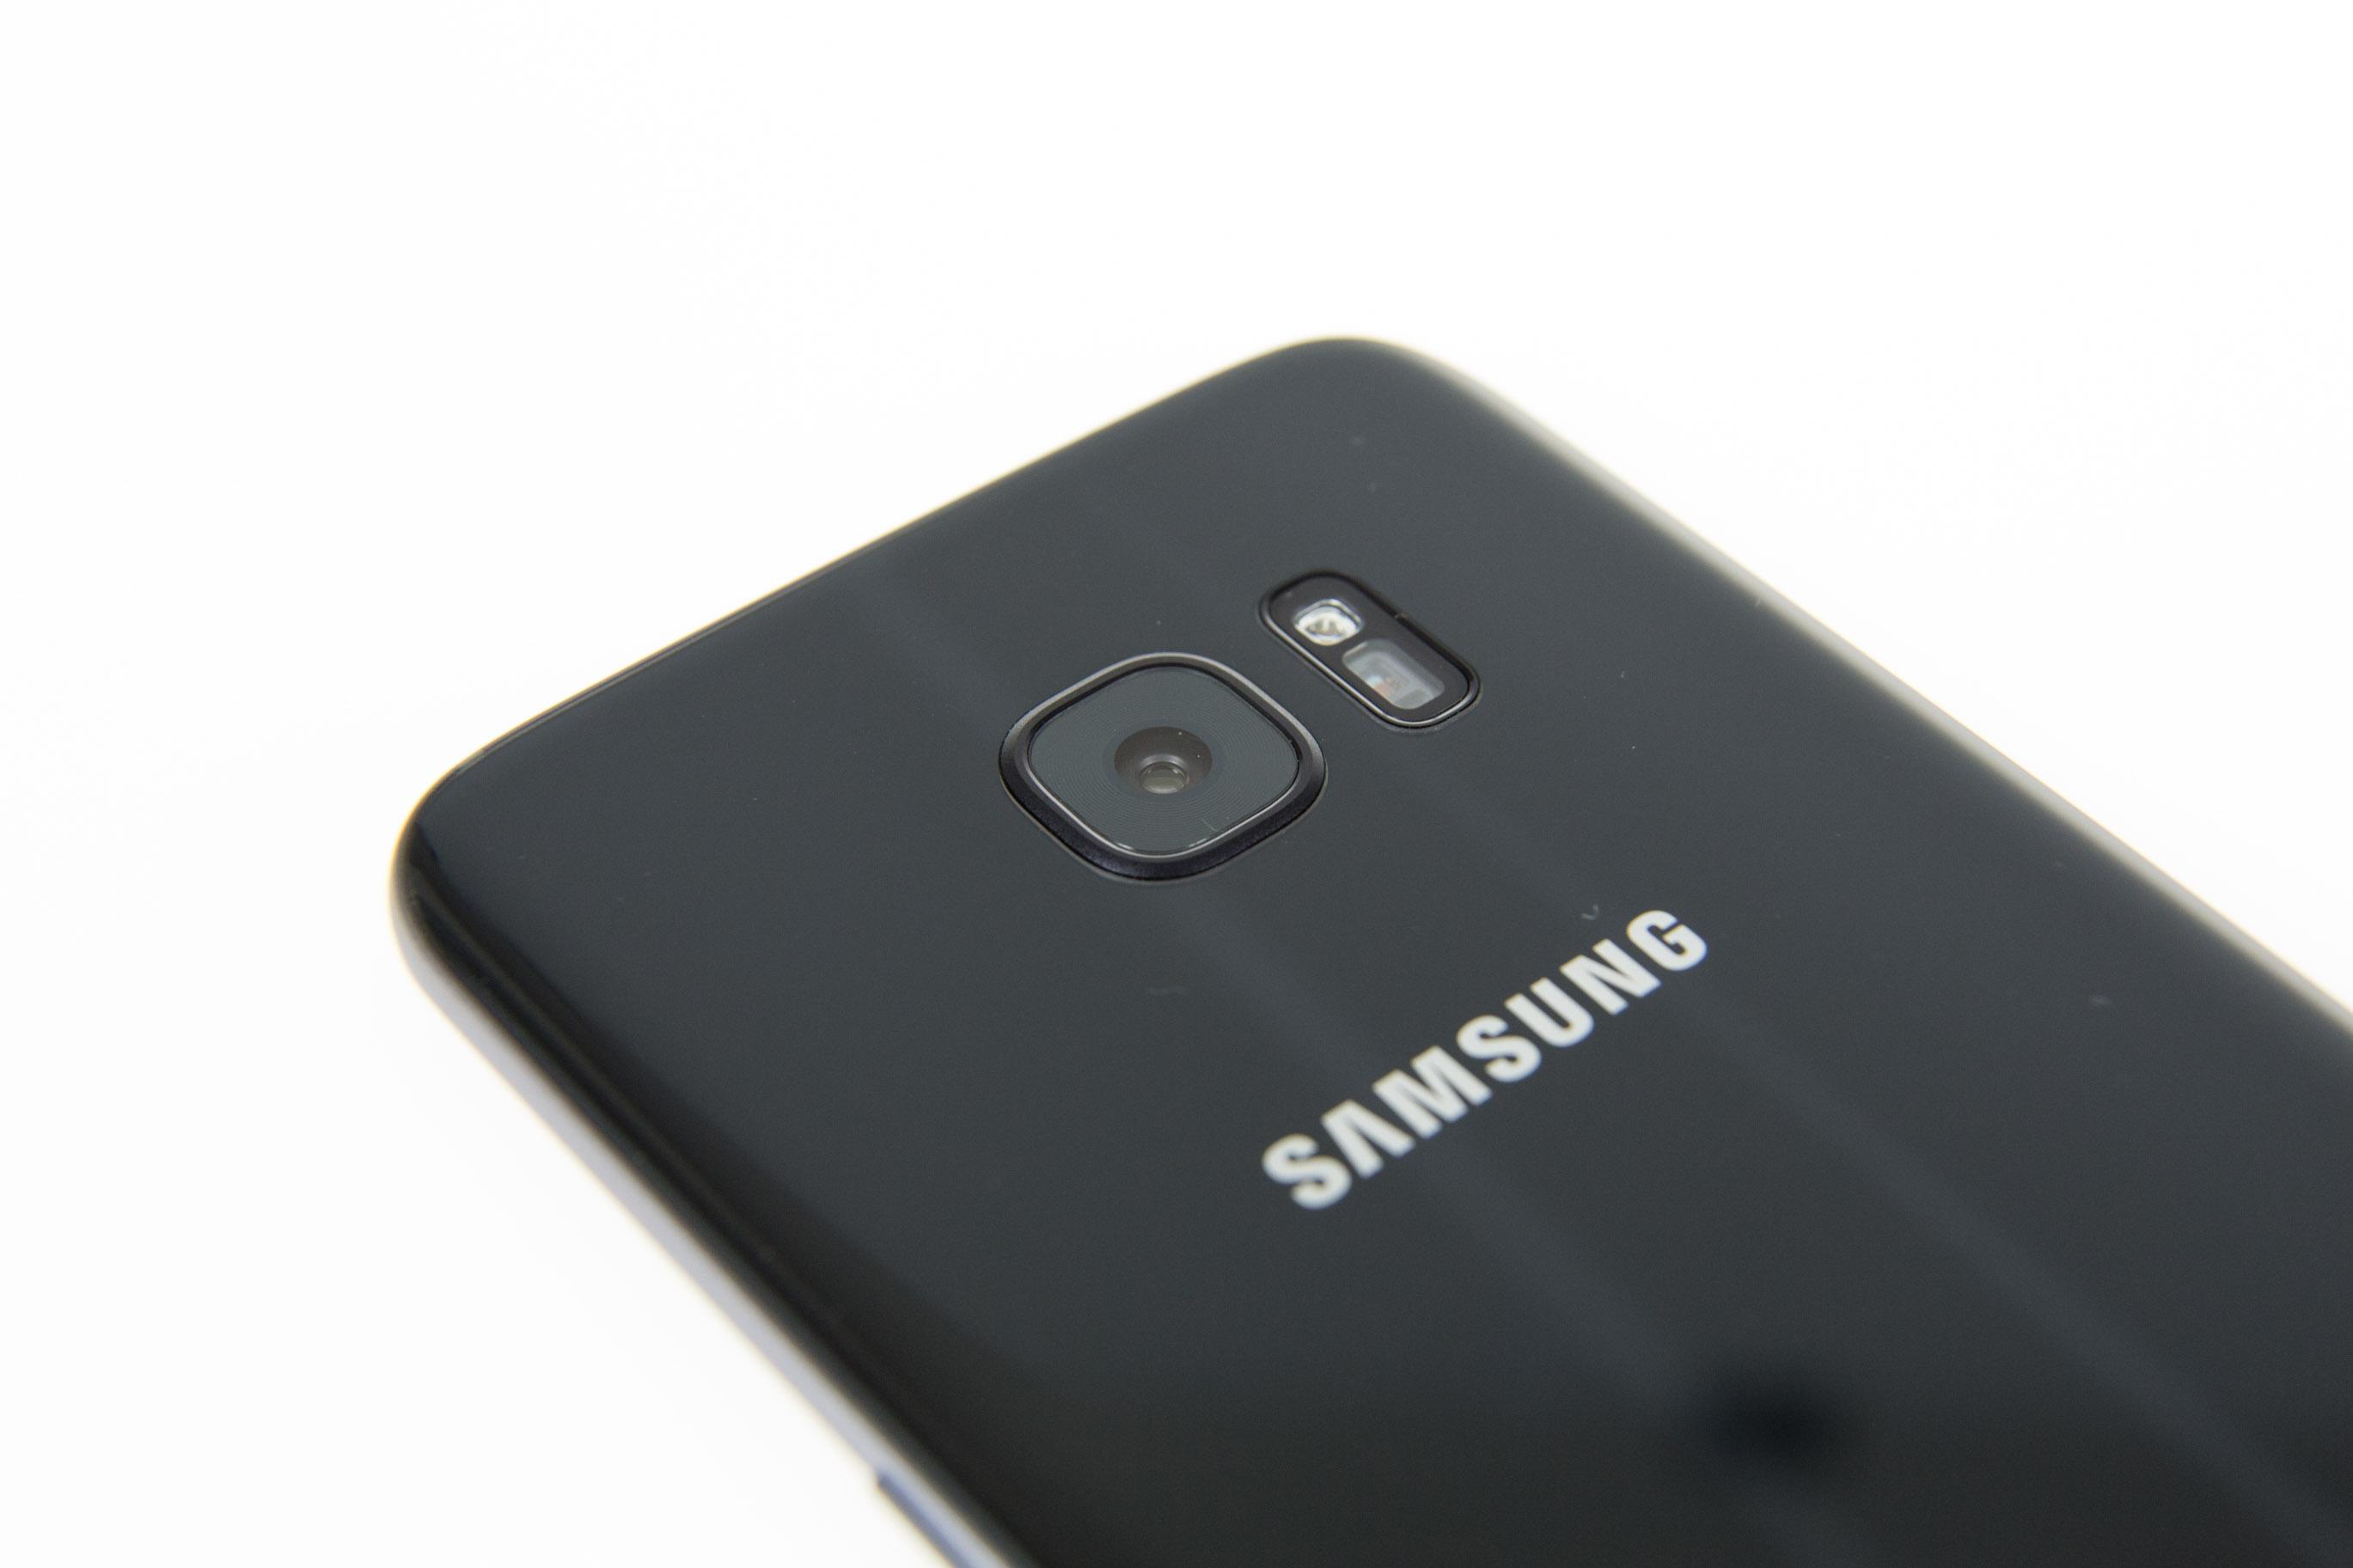 Galaxy S7 und S7 Edge im Test: Samsung definiert die Android-Oberklasse - Die Kamera der beiden neuen Galaxy-Modelle hat Samsung neu entwickelt. Sie hat jetzt 12 Megapixel und macht besonders im Dunkeln gute Bilder. (Bild: Martin Wolf/Golem.de)